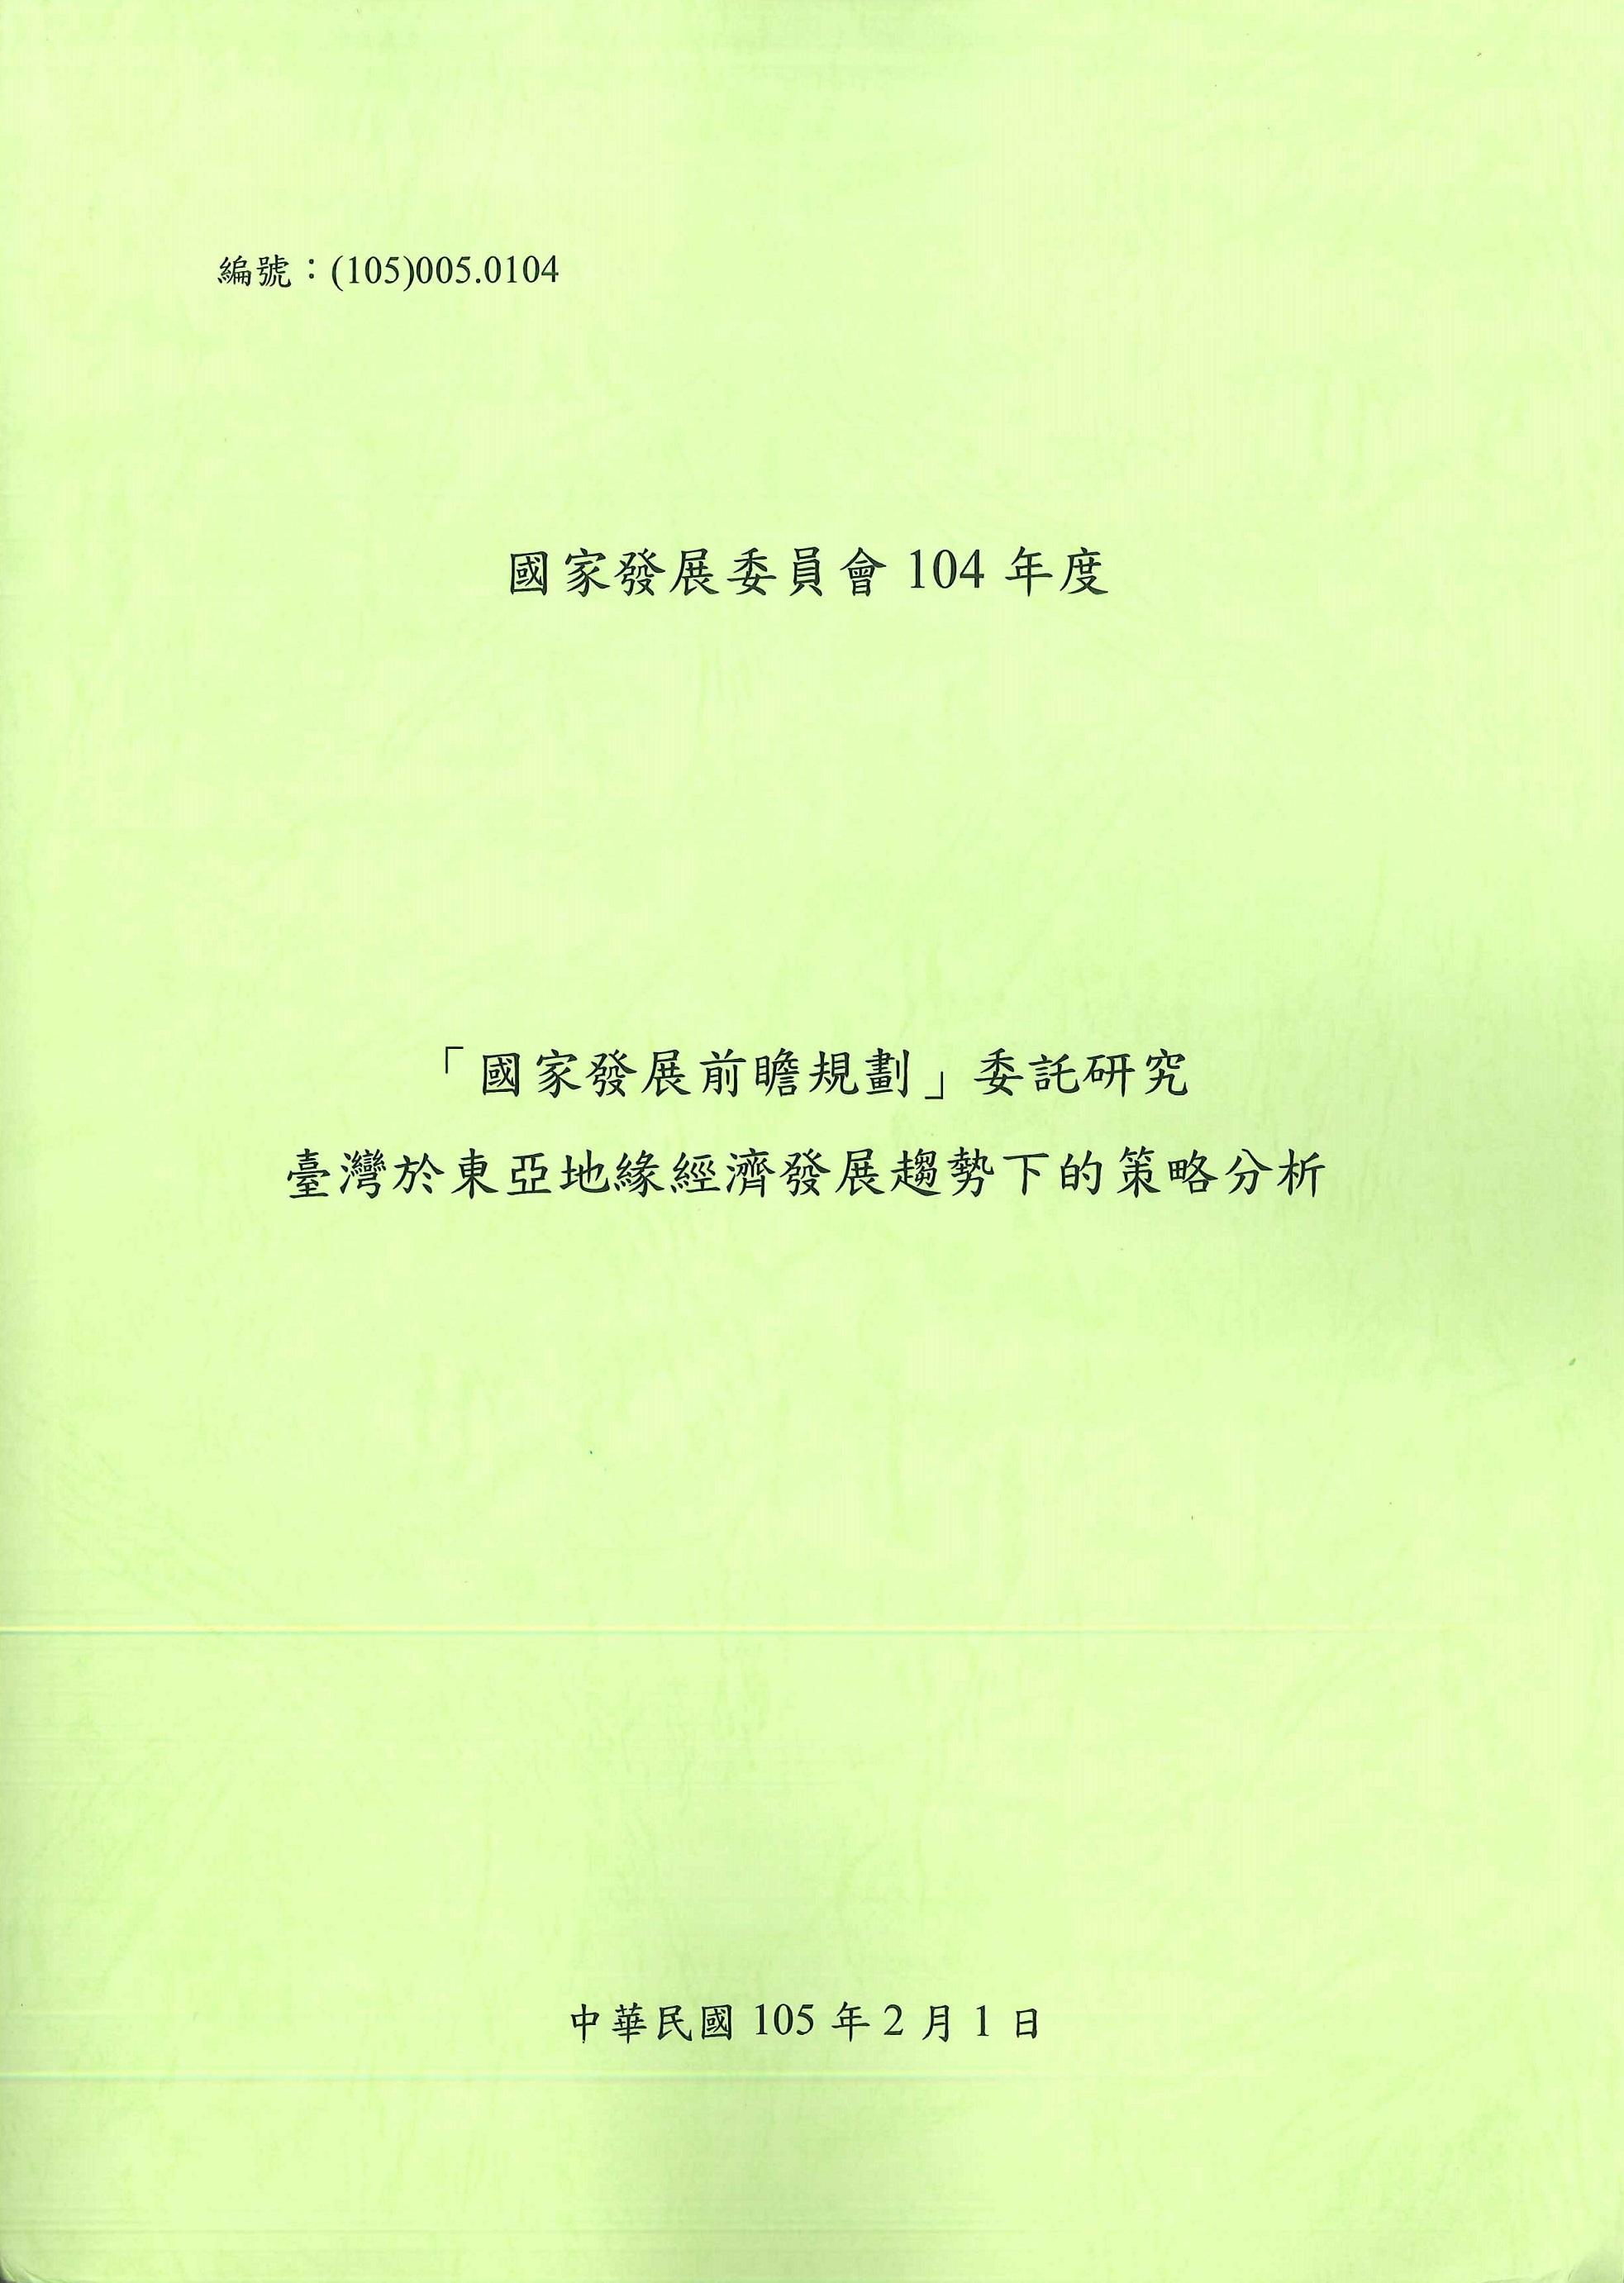 臺灣於東亞地緣經濟發展趨勢下的策略分析